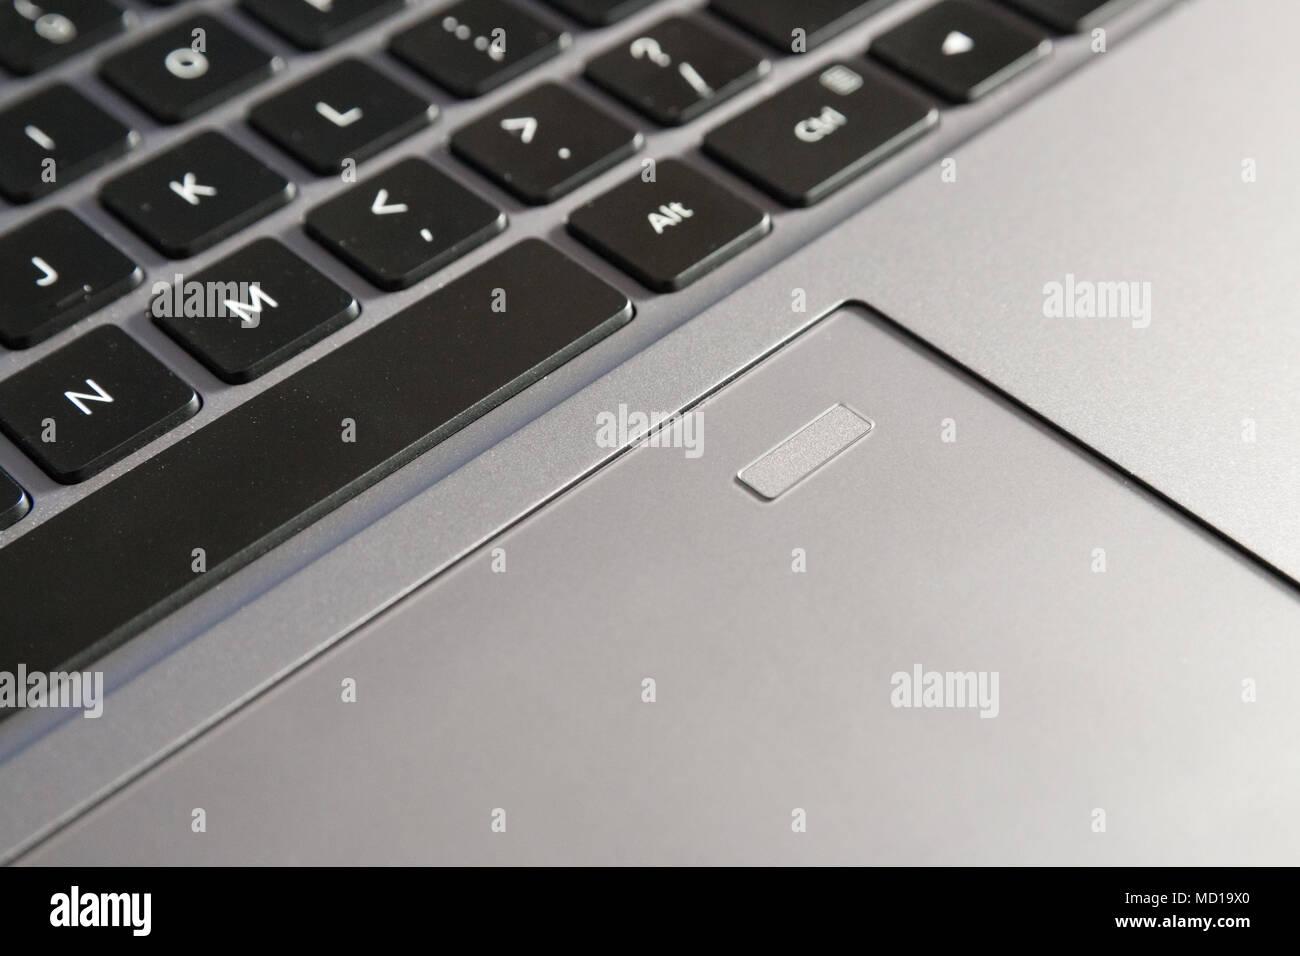 Escáner de huellas de notebook touchpad, teclado vista parcial Imagen De Stock